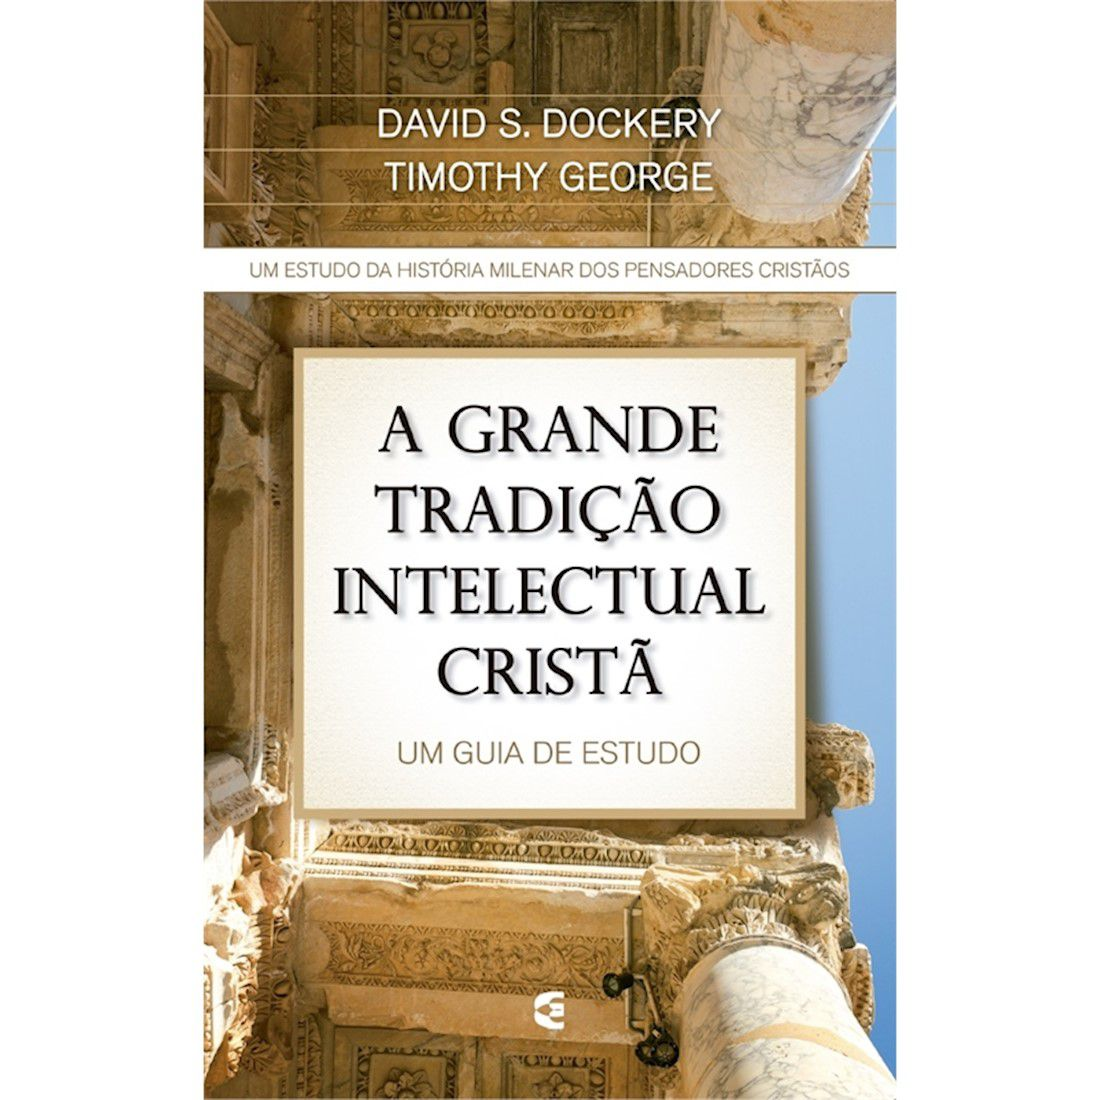 Livro A Grande Tradição Intelectual Cristã